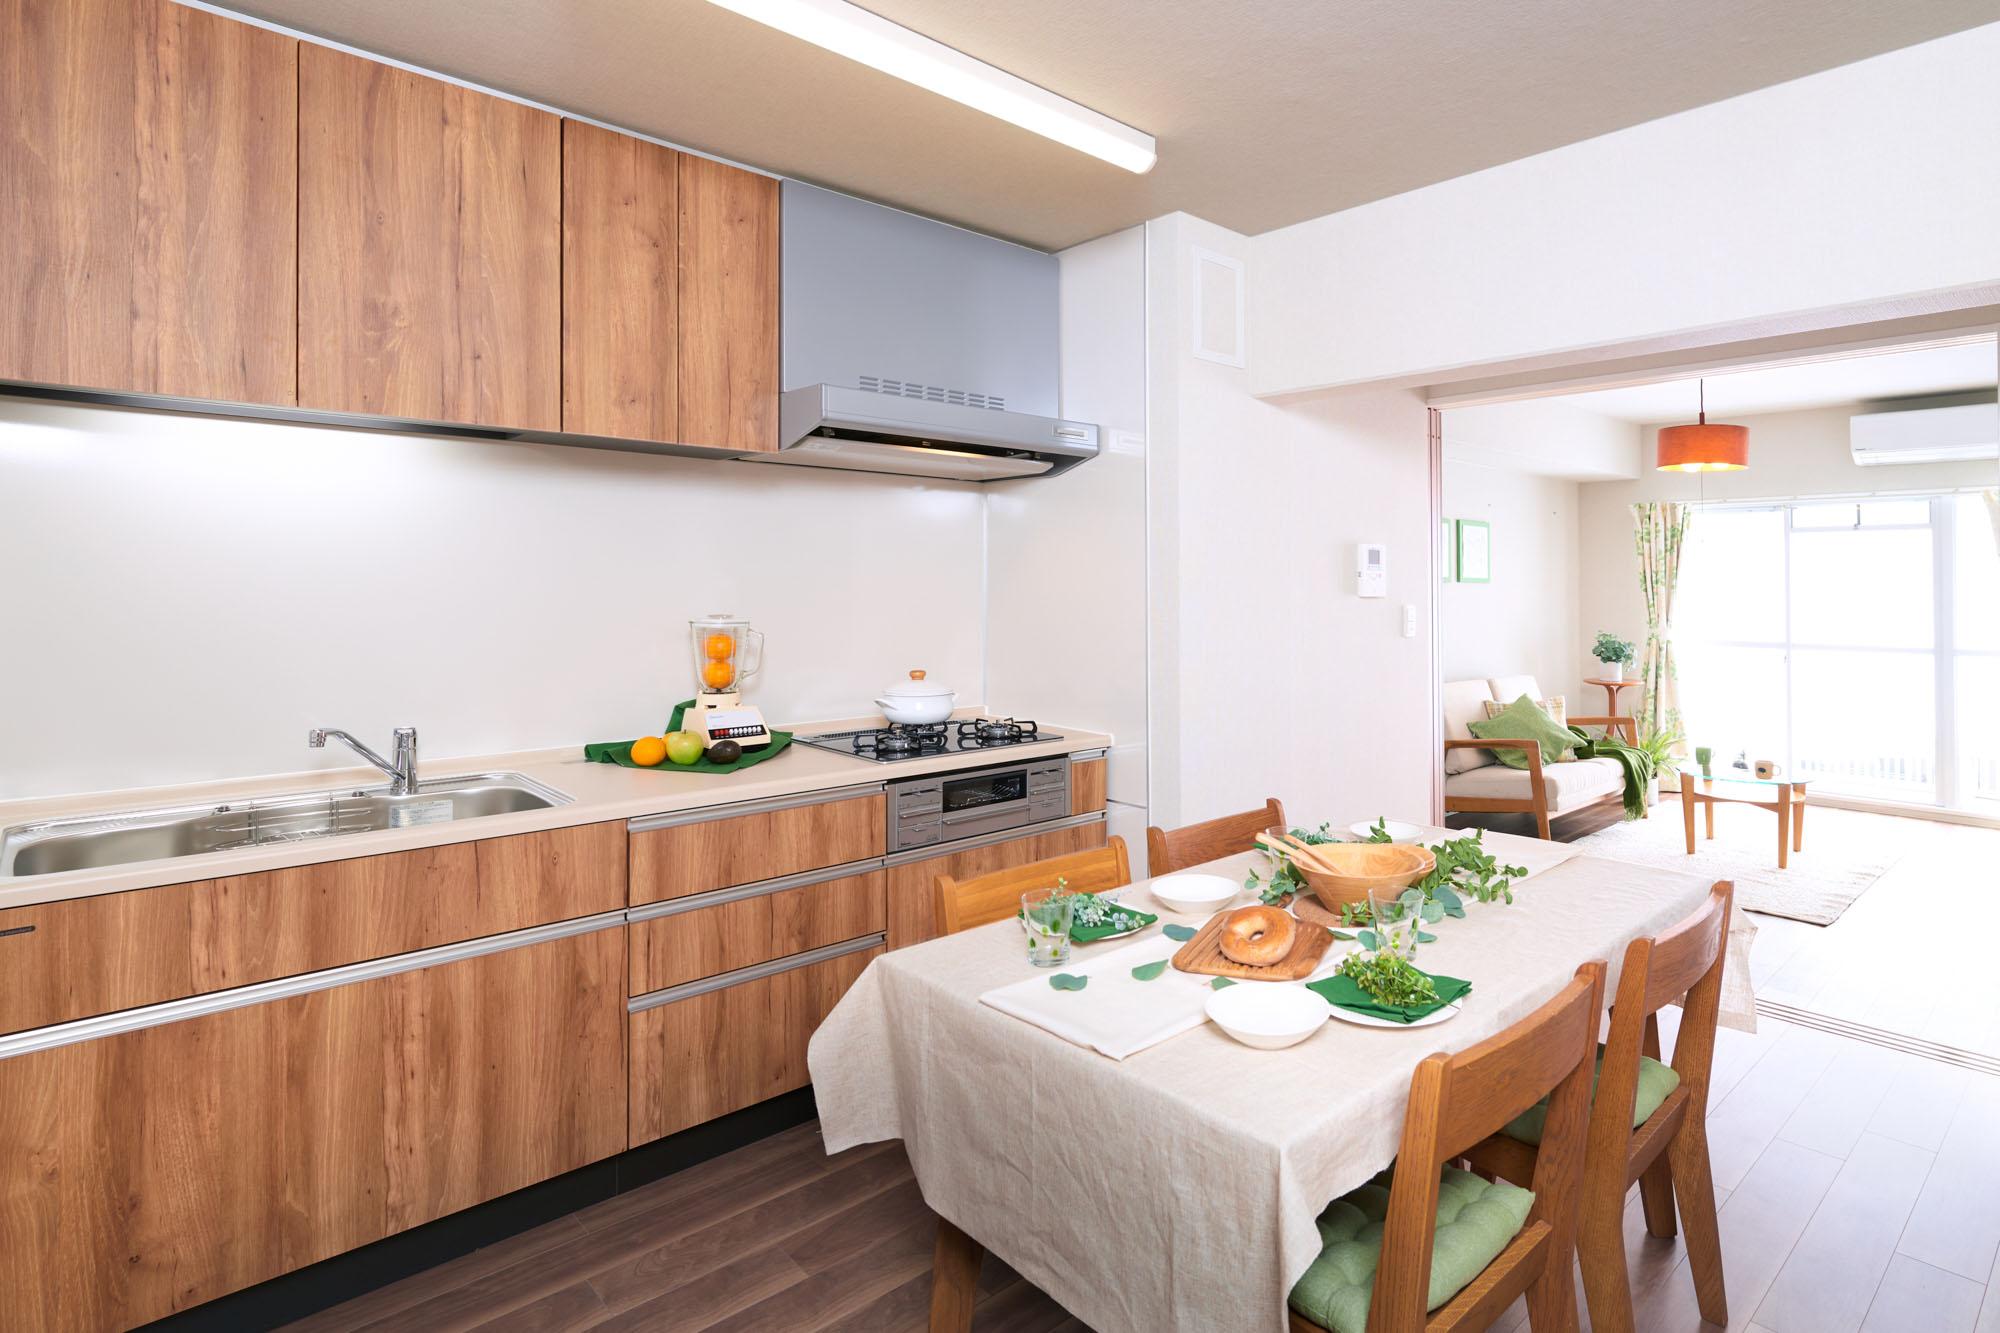 成城学園前ではじめる、ちょっと良い暮らし。UR賃貸住宅「成城通りパークウエスト」を拝見してきました